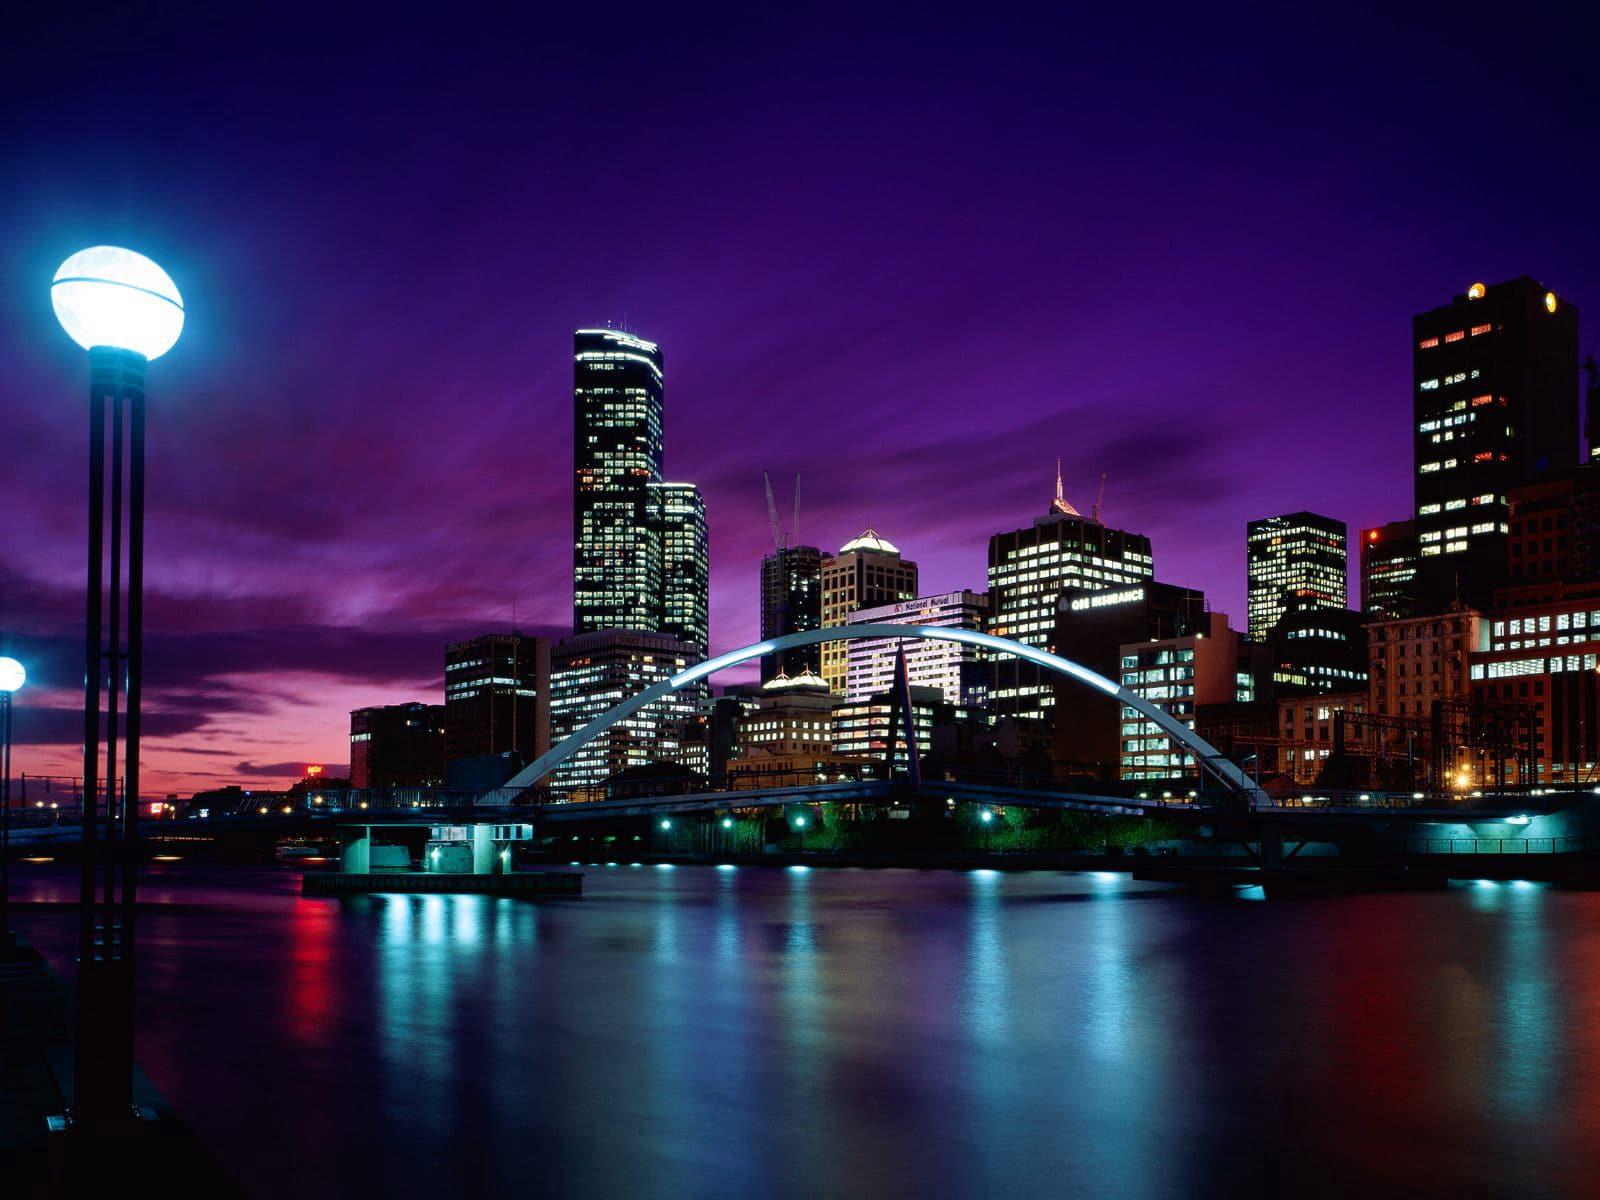 Melbourne este cu siguranță unul dintre cele mai moderne orașe din lume